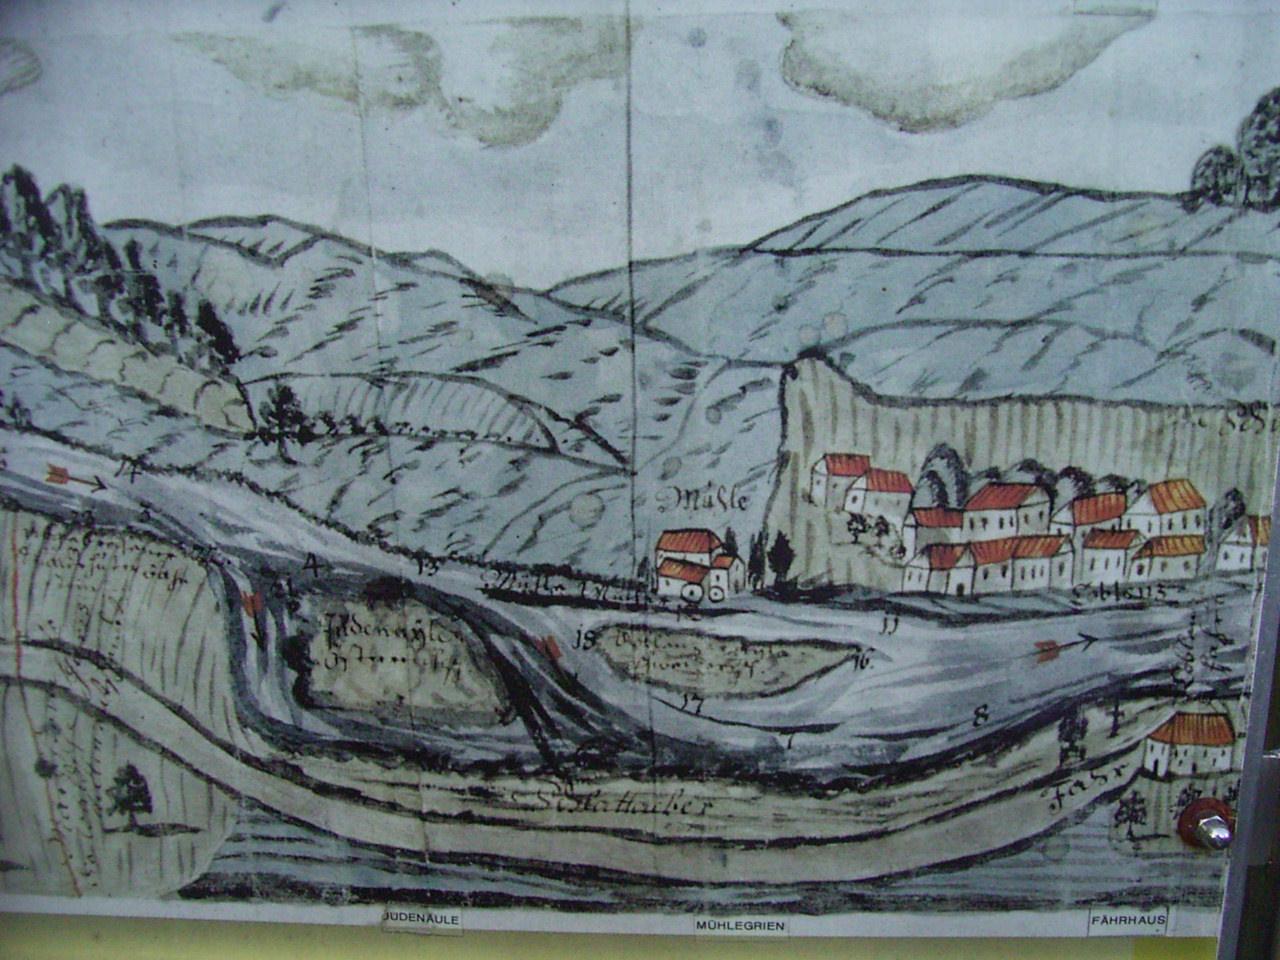 Judenäule und Nachbarinsel Grien (Mühlegrien) mit Blick auf Koblenz (um 1750).Die Pfeile markieren das Fahrwasser für die Weidlinge(Generallandesarchiv Karlsruhe)Norden ist unten